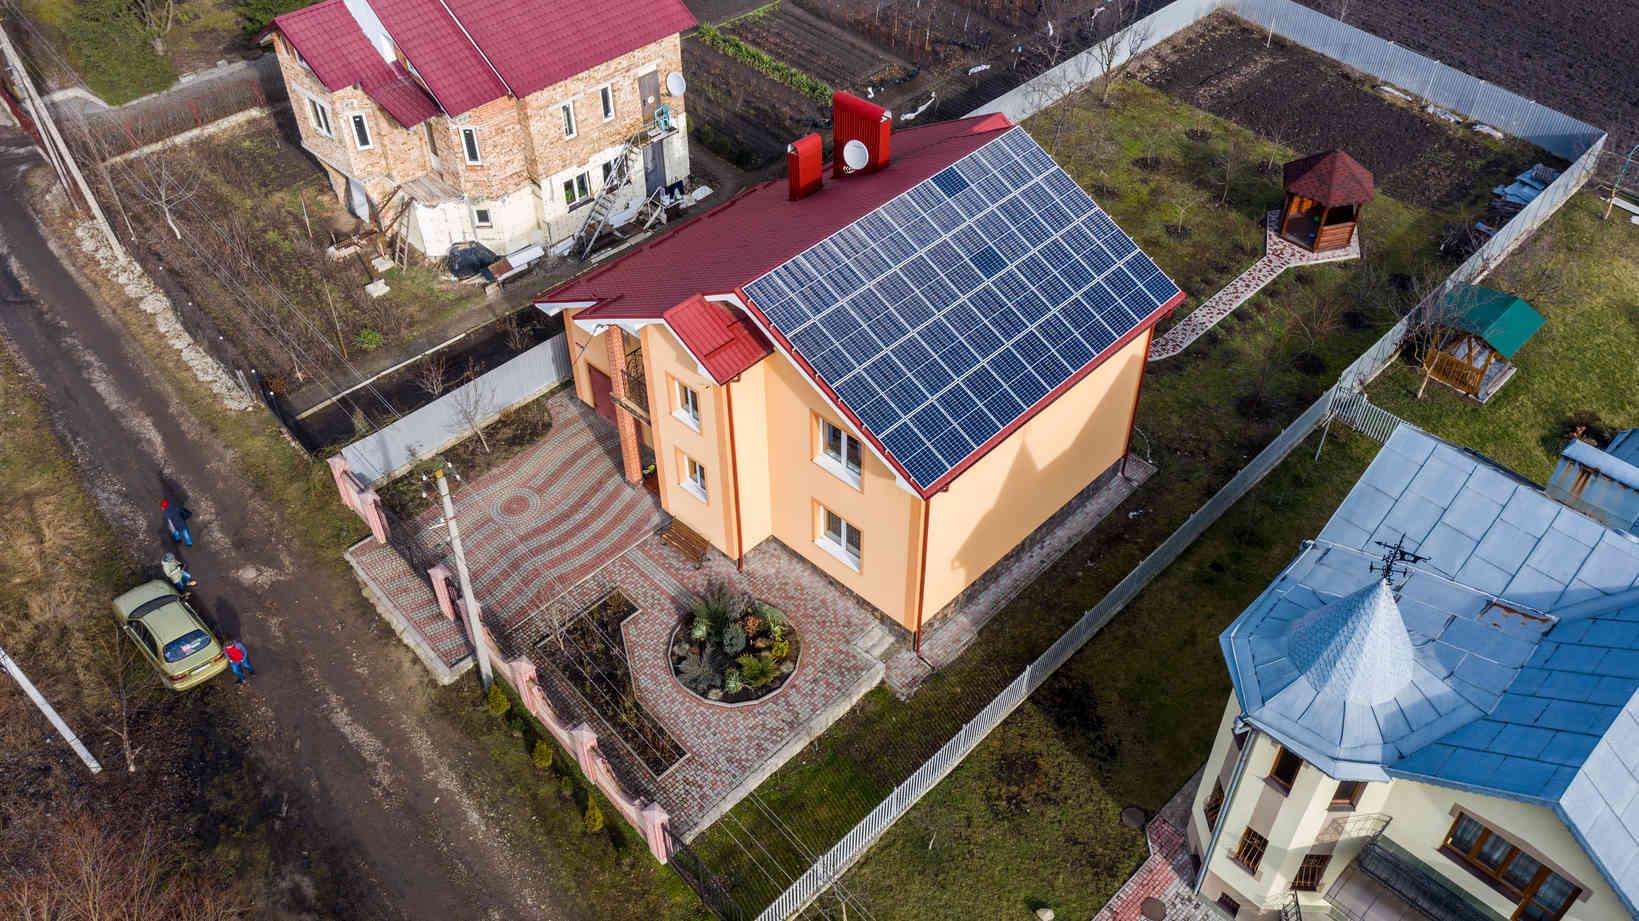 Мережева сонячна електростанція (СЕС) потужністю 14,08 кВт – Фотозвіт #5